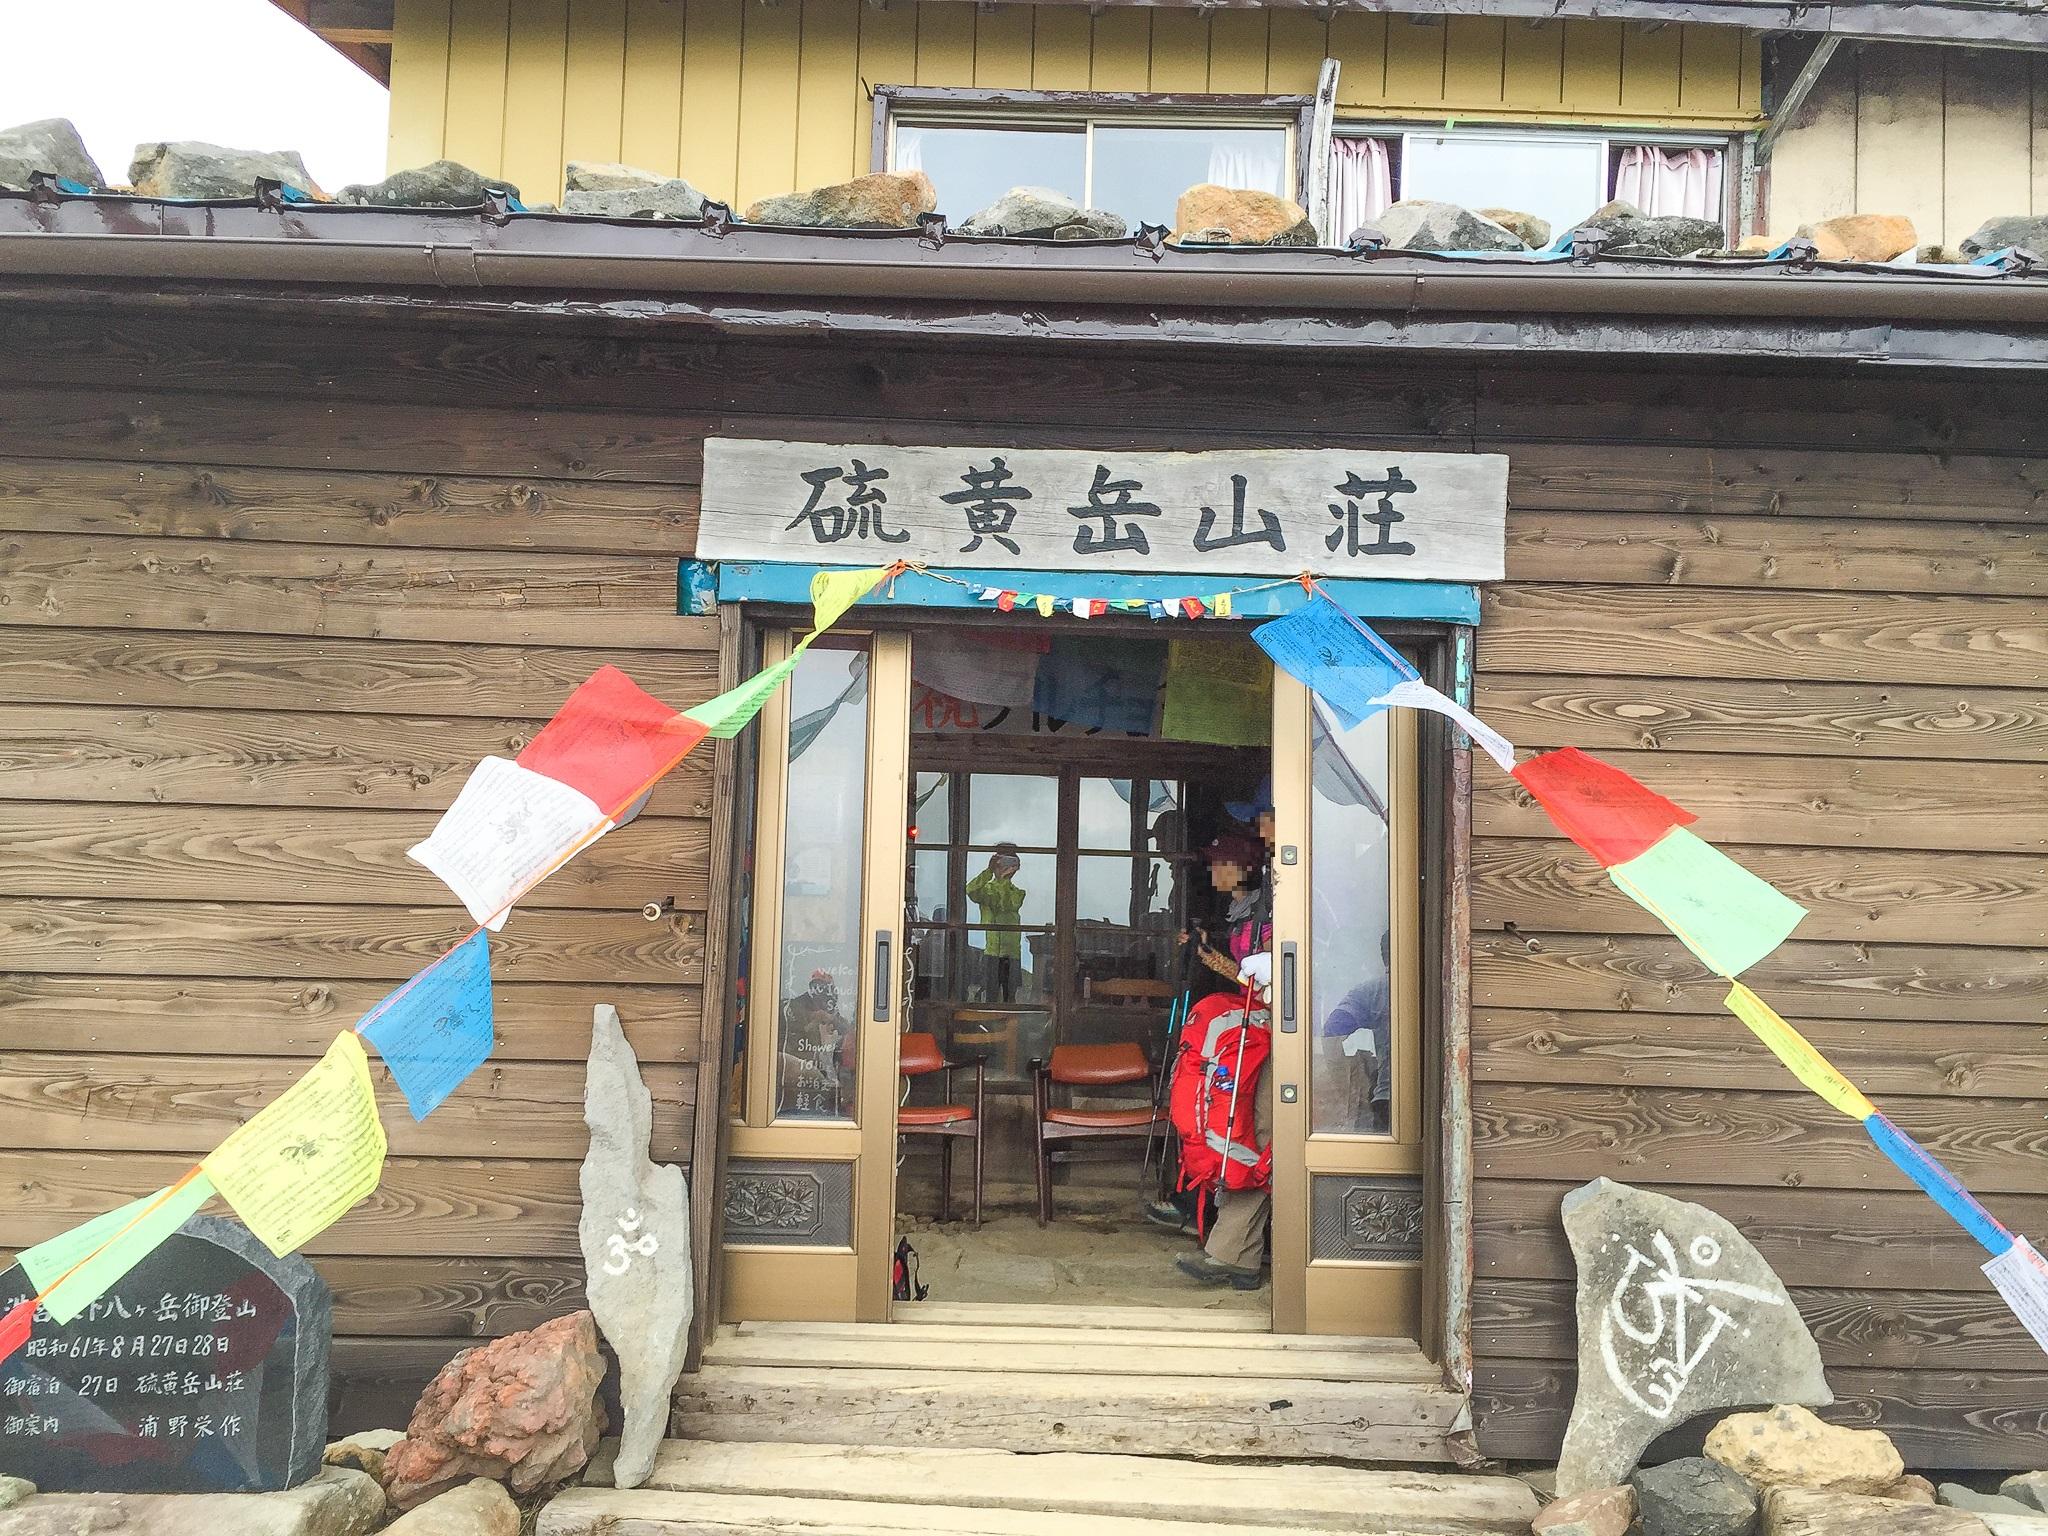 八ヶ岳(赤岳・横岳・硫黄岳)・硫黄岳山荘・正面・タルチョ